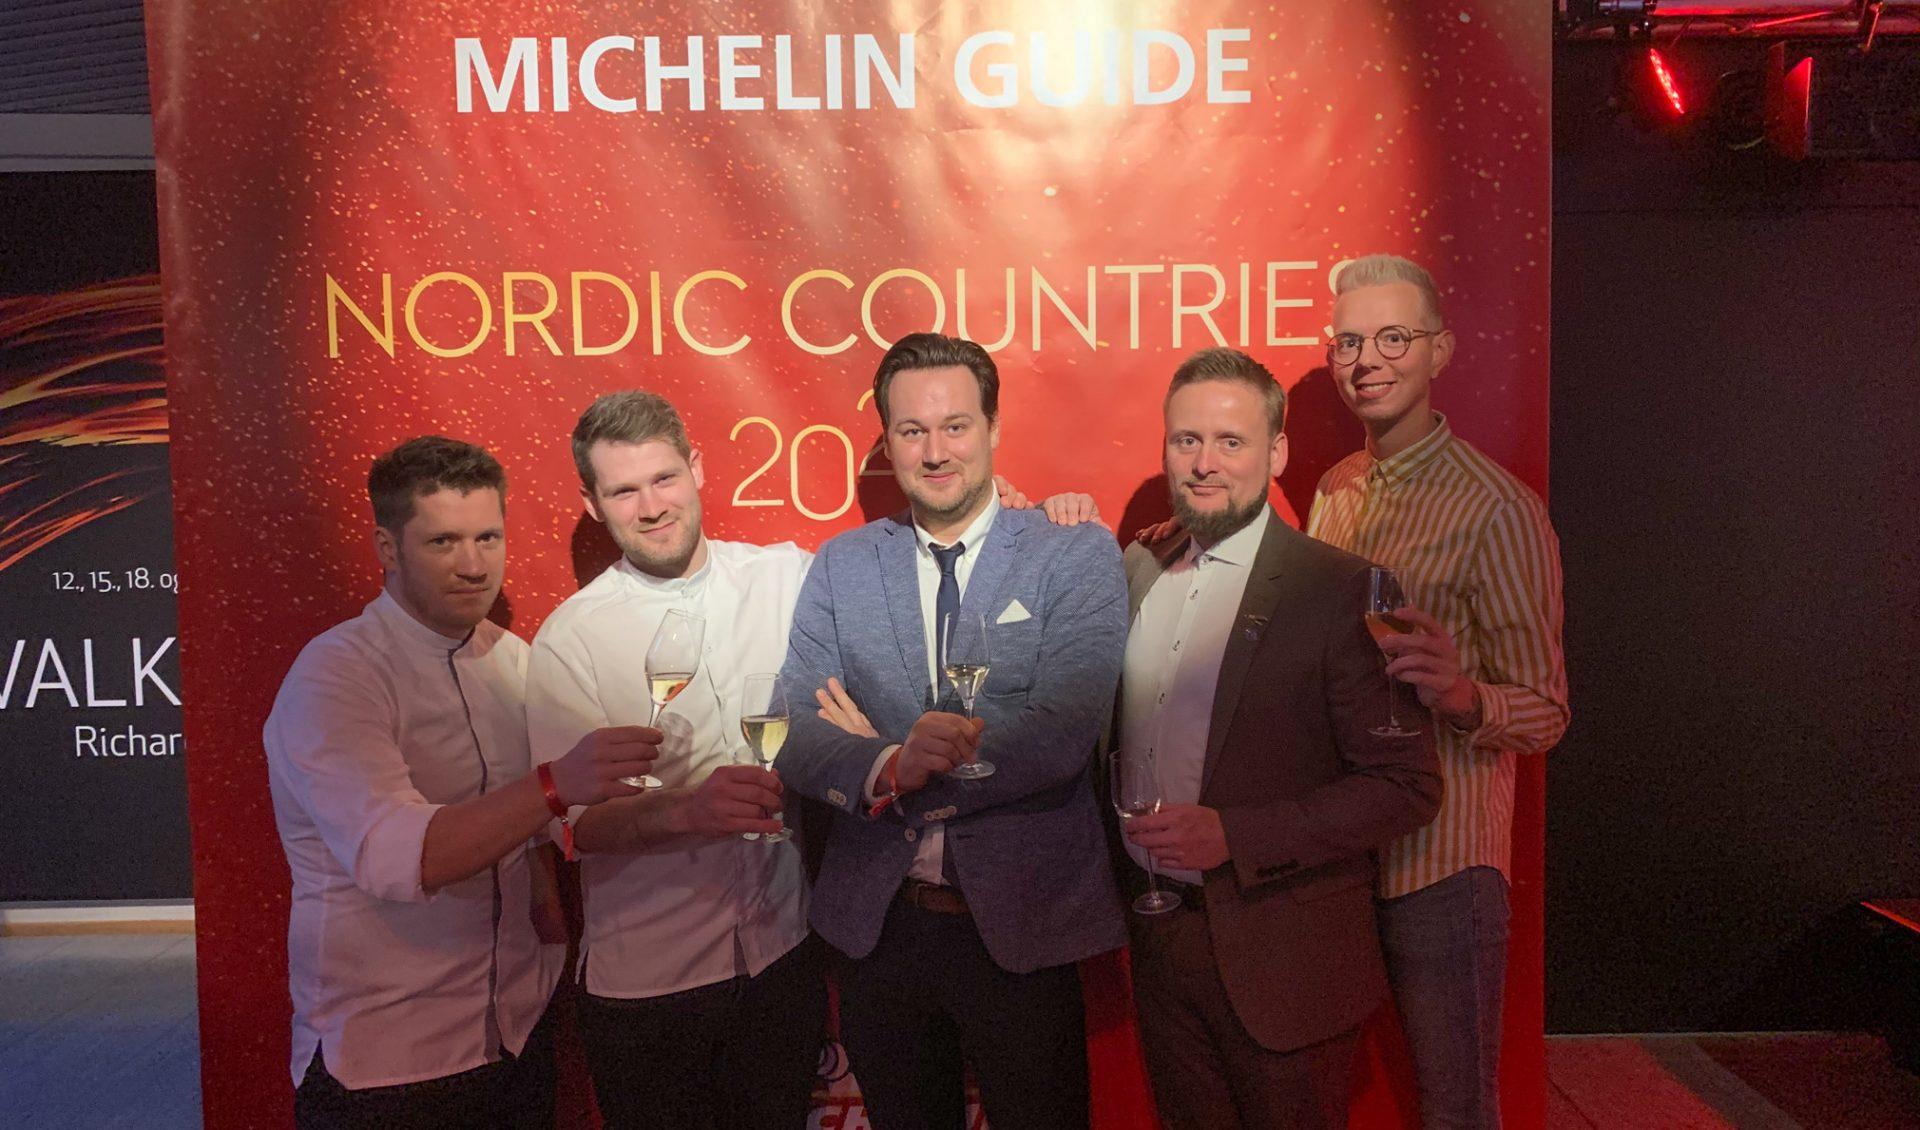 Michelin 2020: Aarhus mistede en stjerne - men forventet